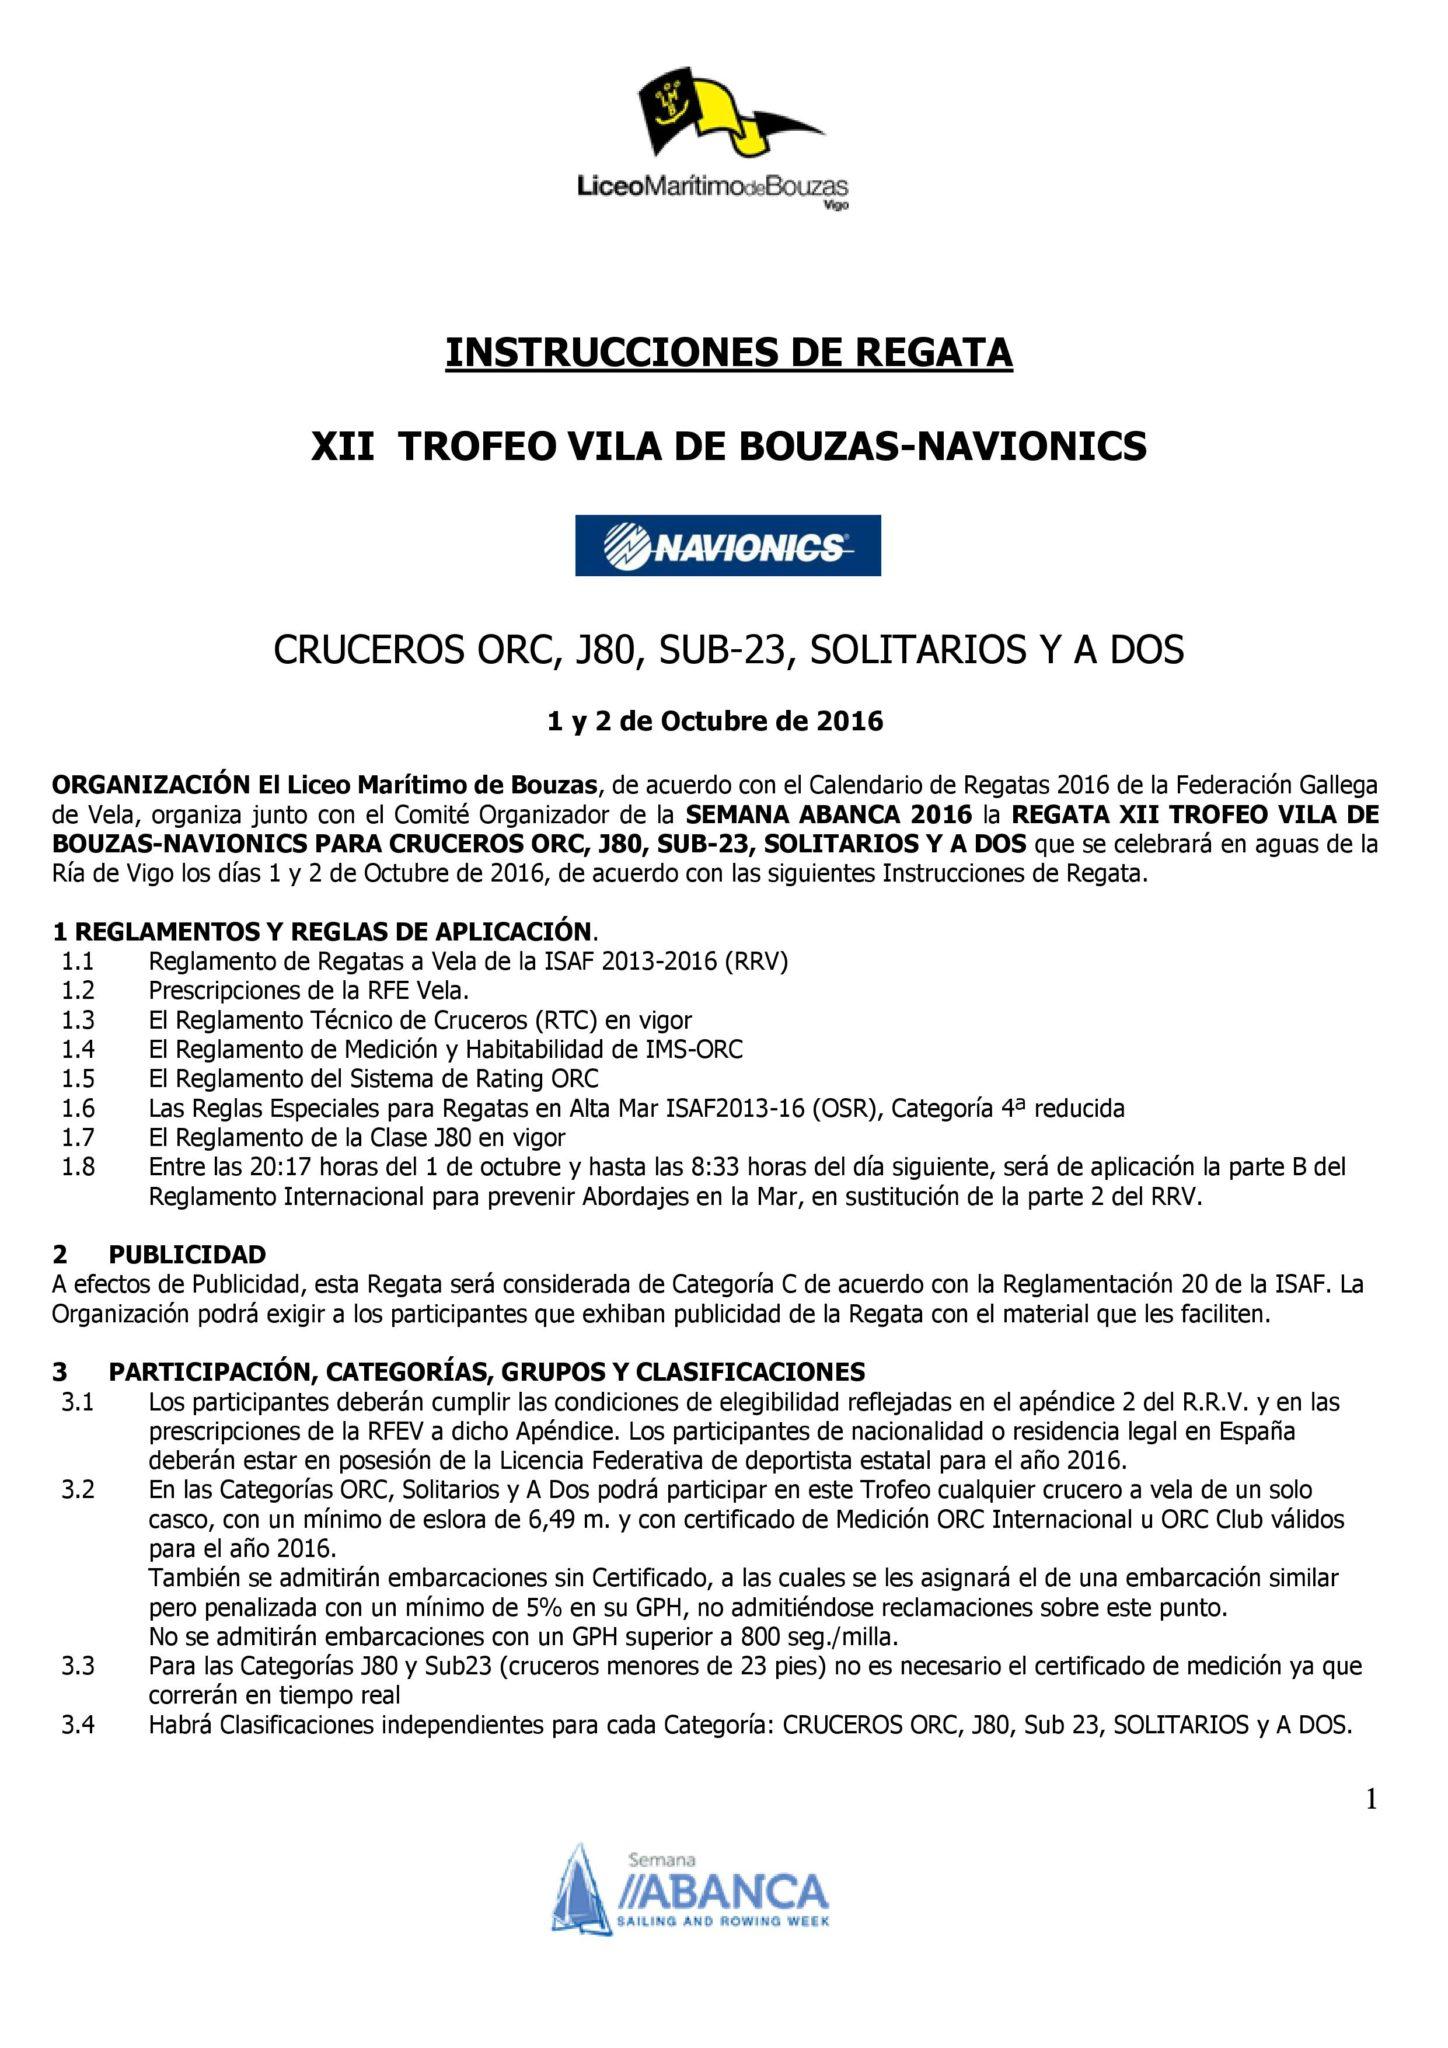 XII TROFEO VILA DE BOUZAS-NAVIONICS CRUCEROS ORC, J80, SUB-23, SOLITARIOS Y A DOS 1 y 2 de Octubre de 2016 INSTRUCCIONES DE REGATA.